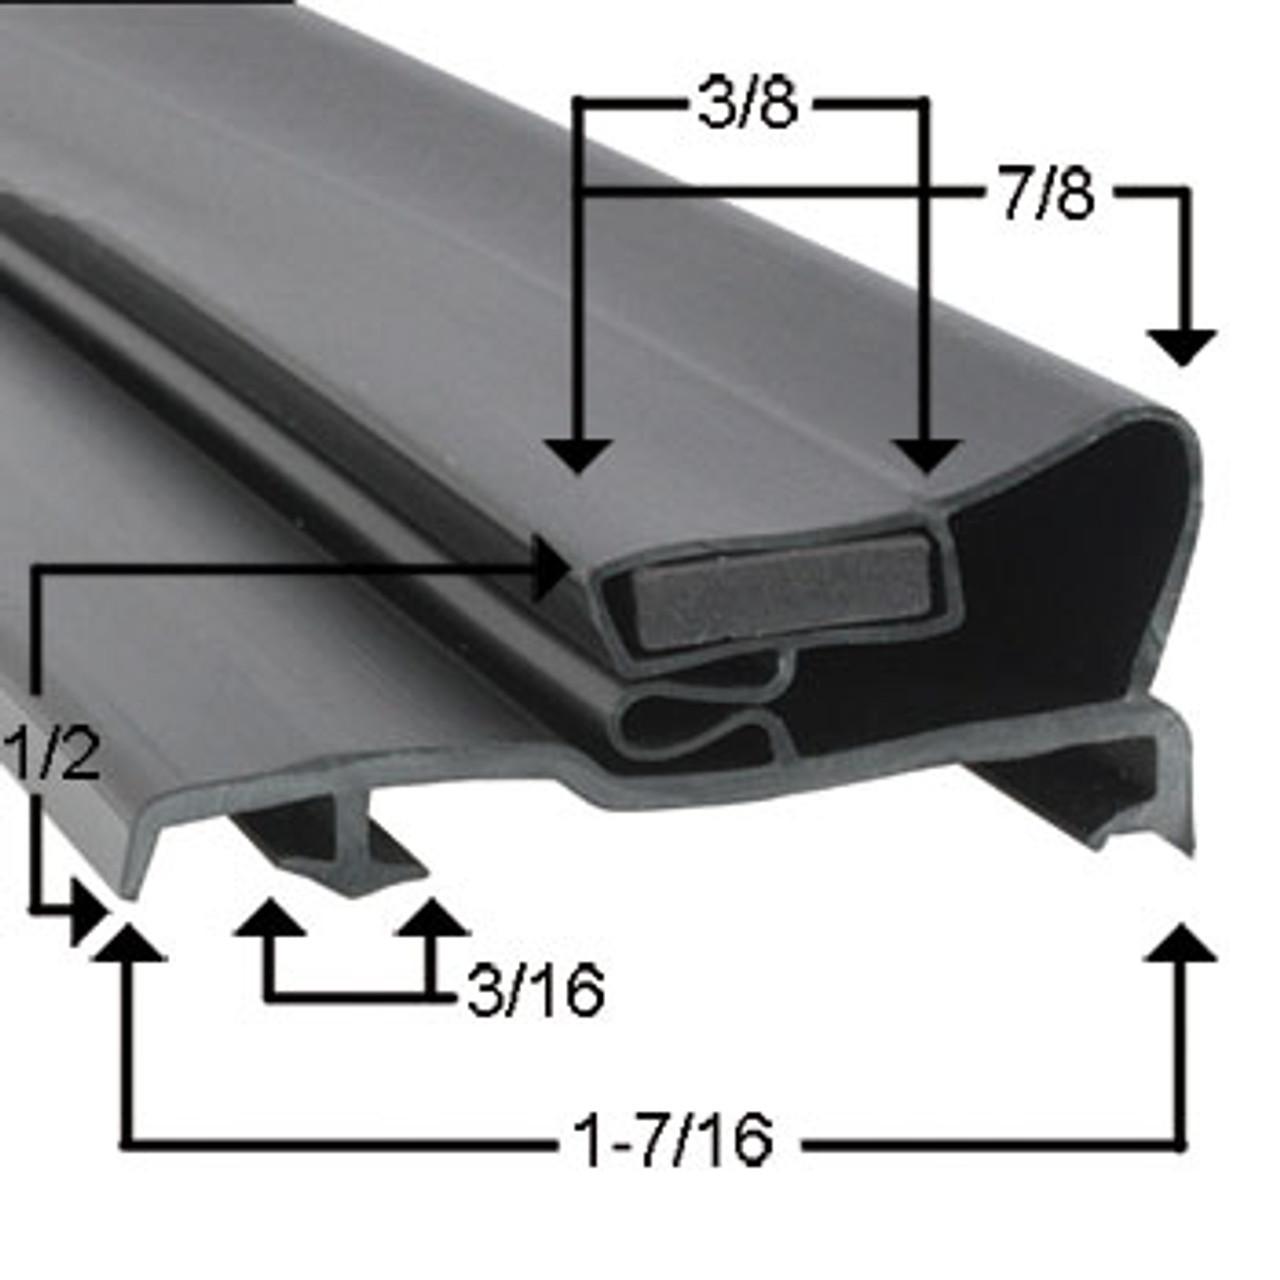 Ardco Door Gasket Profile 290 23 1/8 x 29 7/8